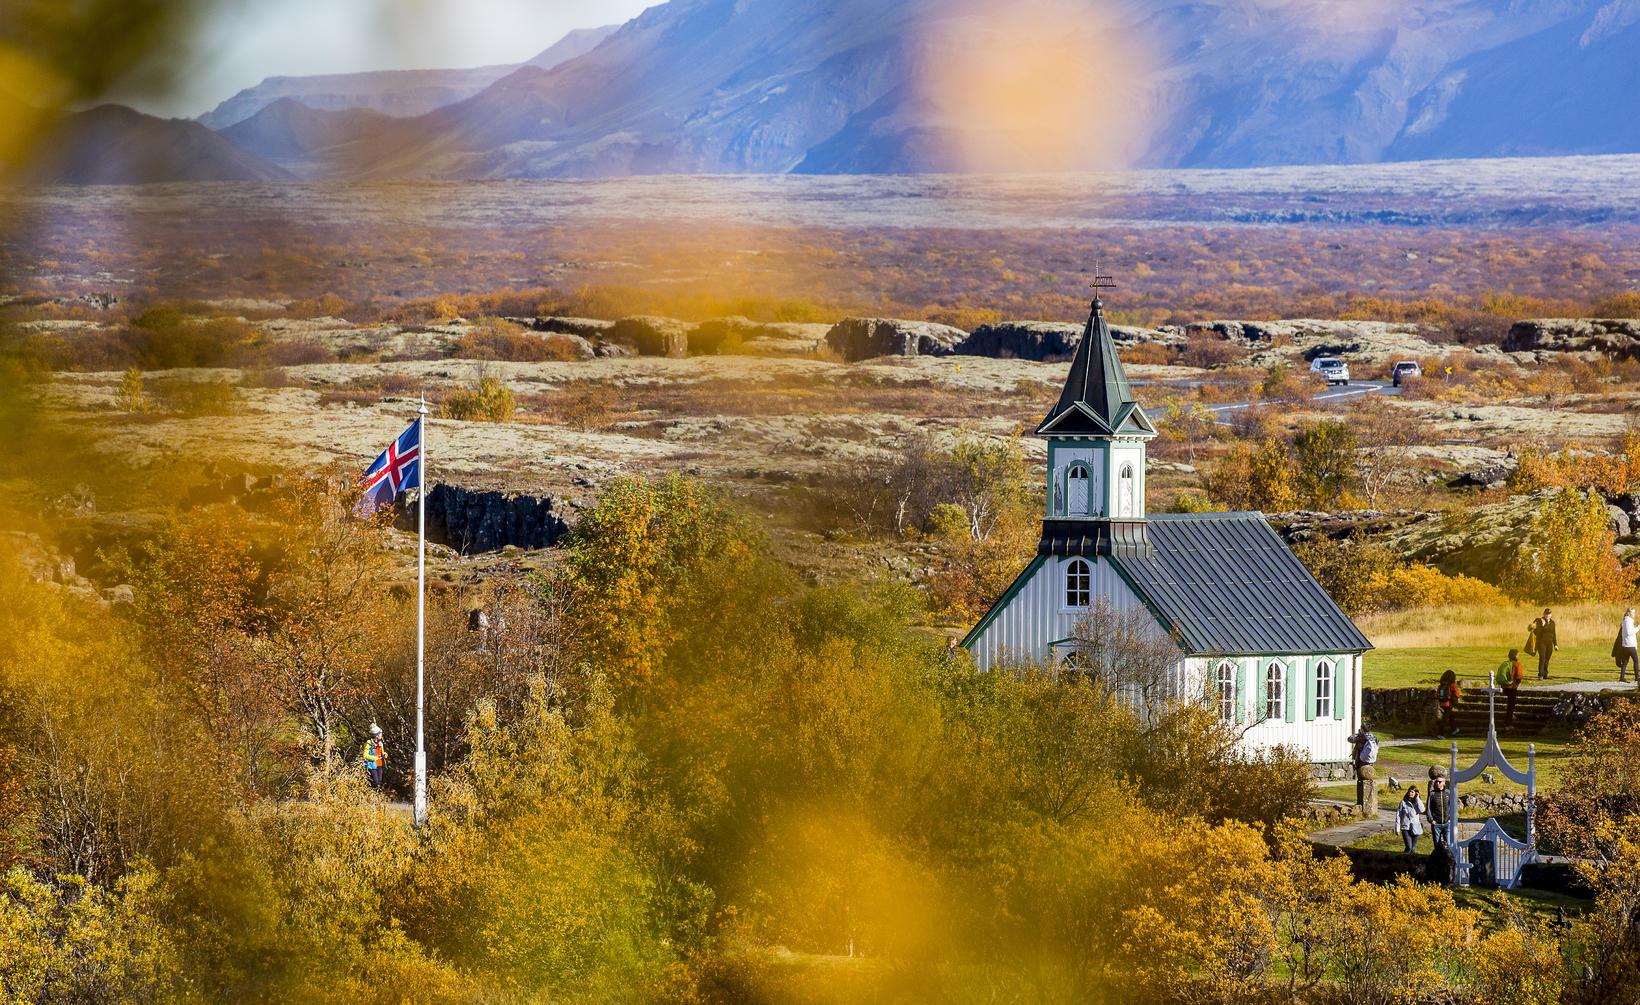 Góð núvitundaræfing að upplifa haustlitina.